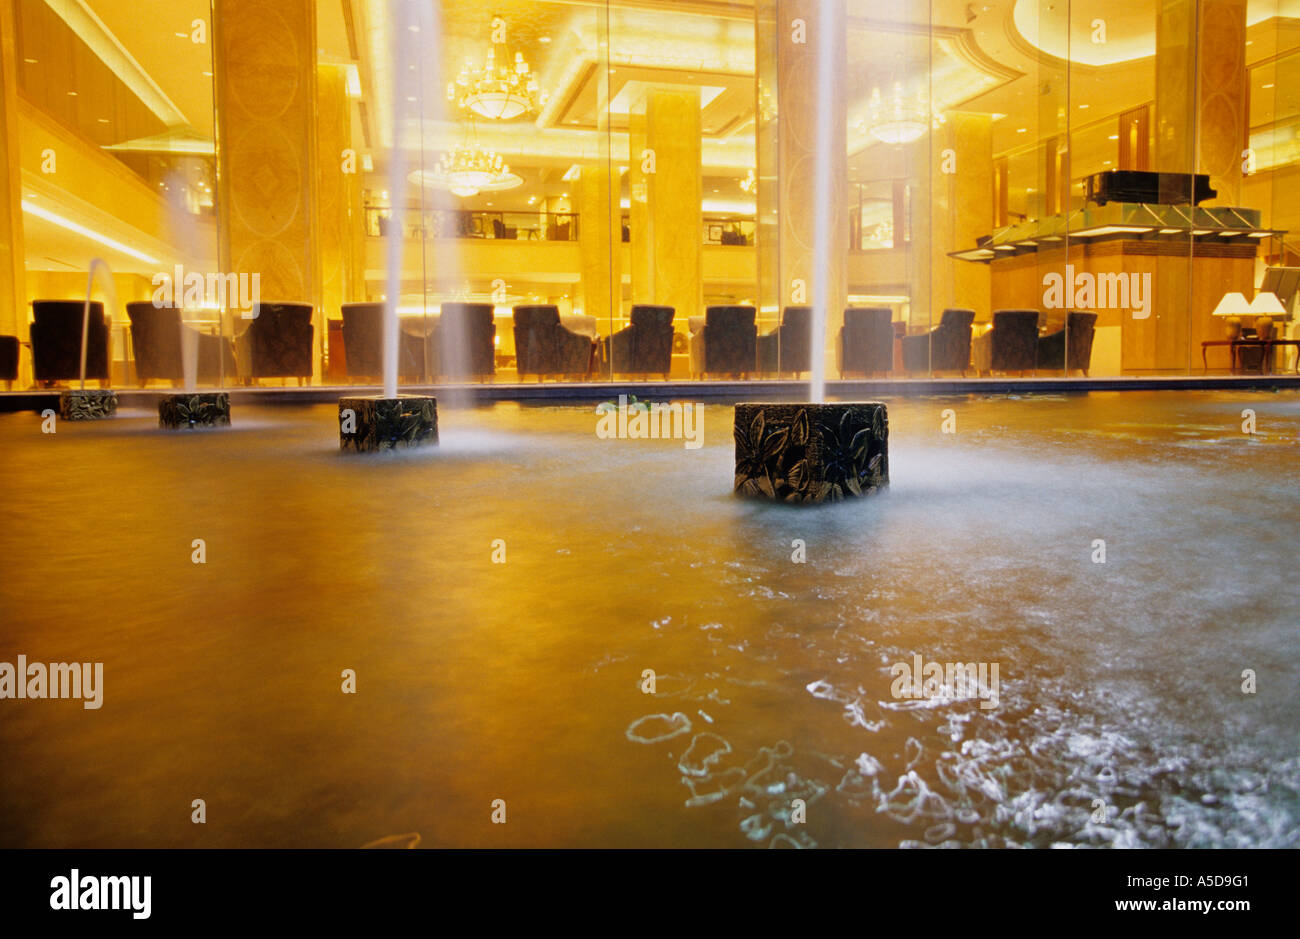 Ambiance chaleureuse, Hotel, Kuala Lumpur, Malaisie Photo Stock